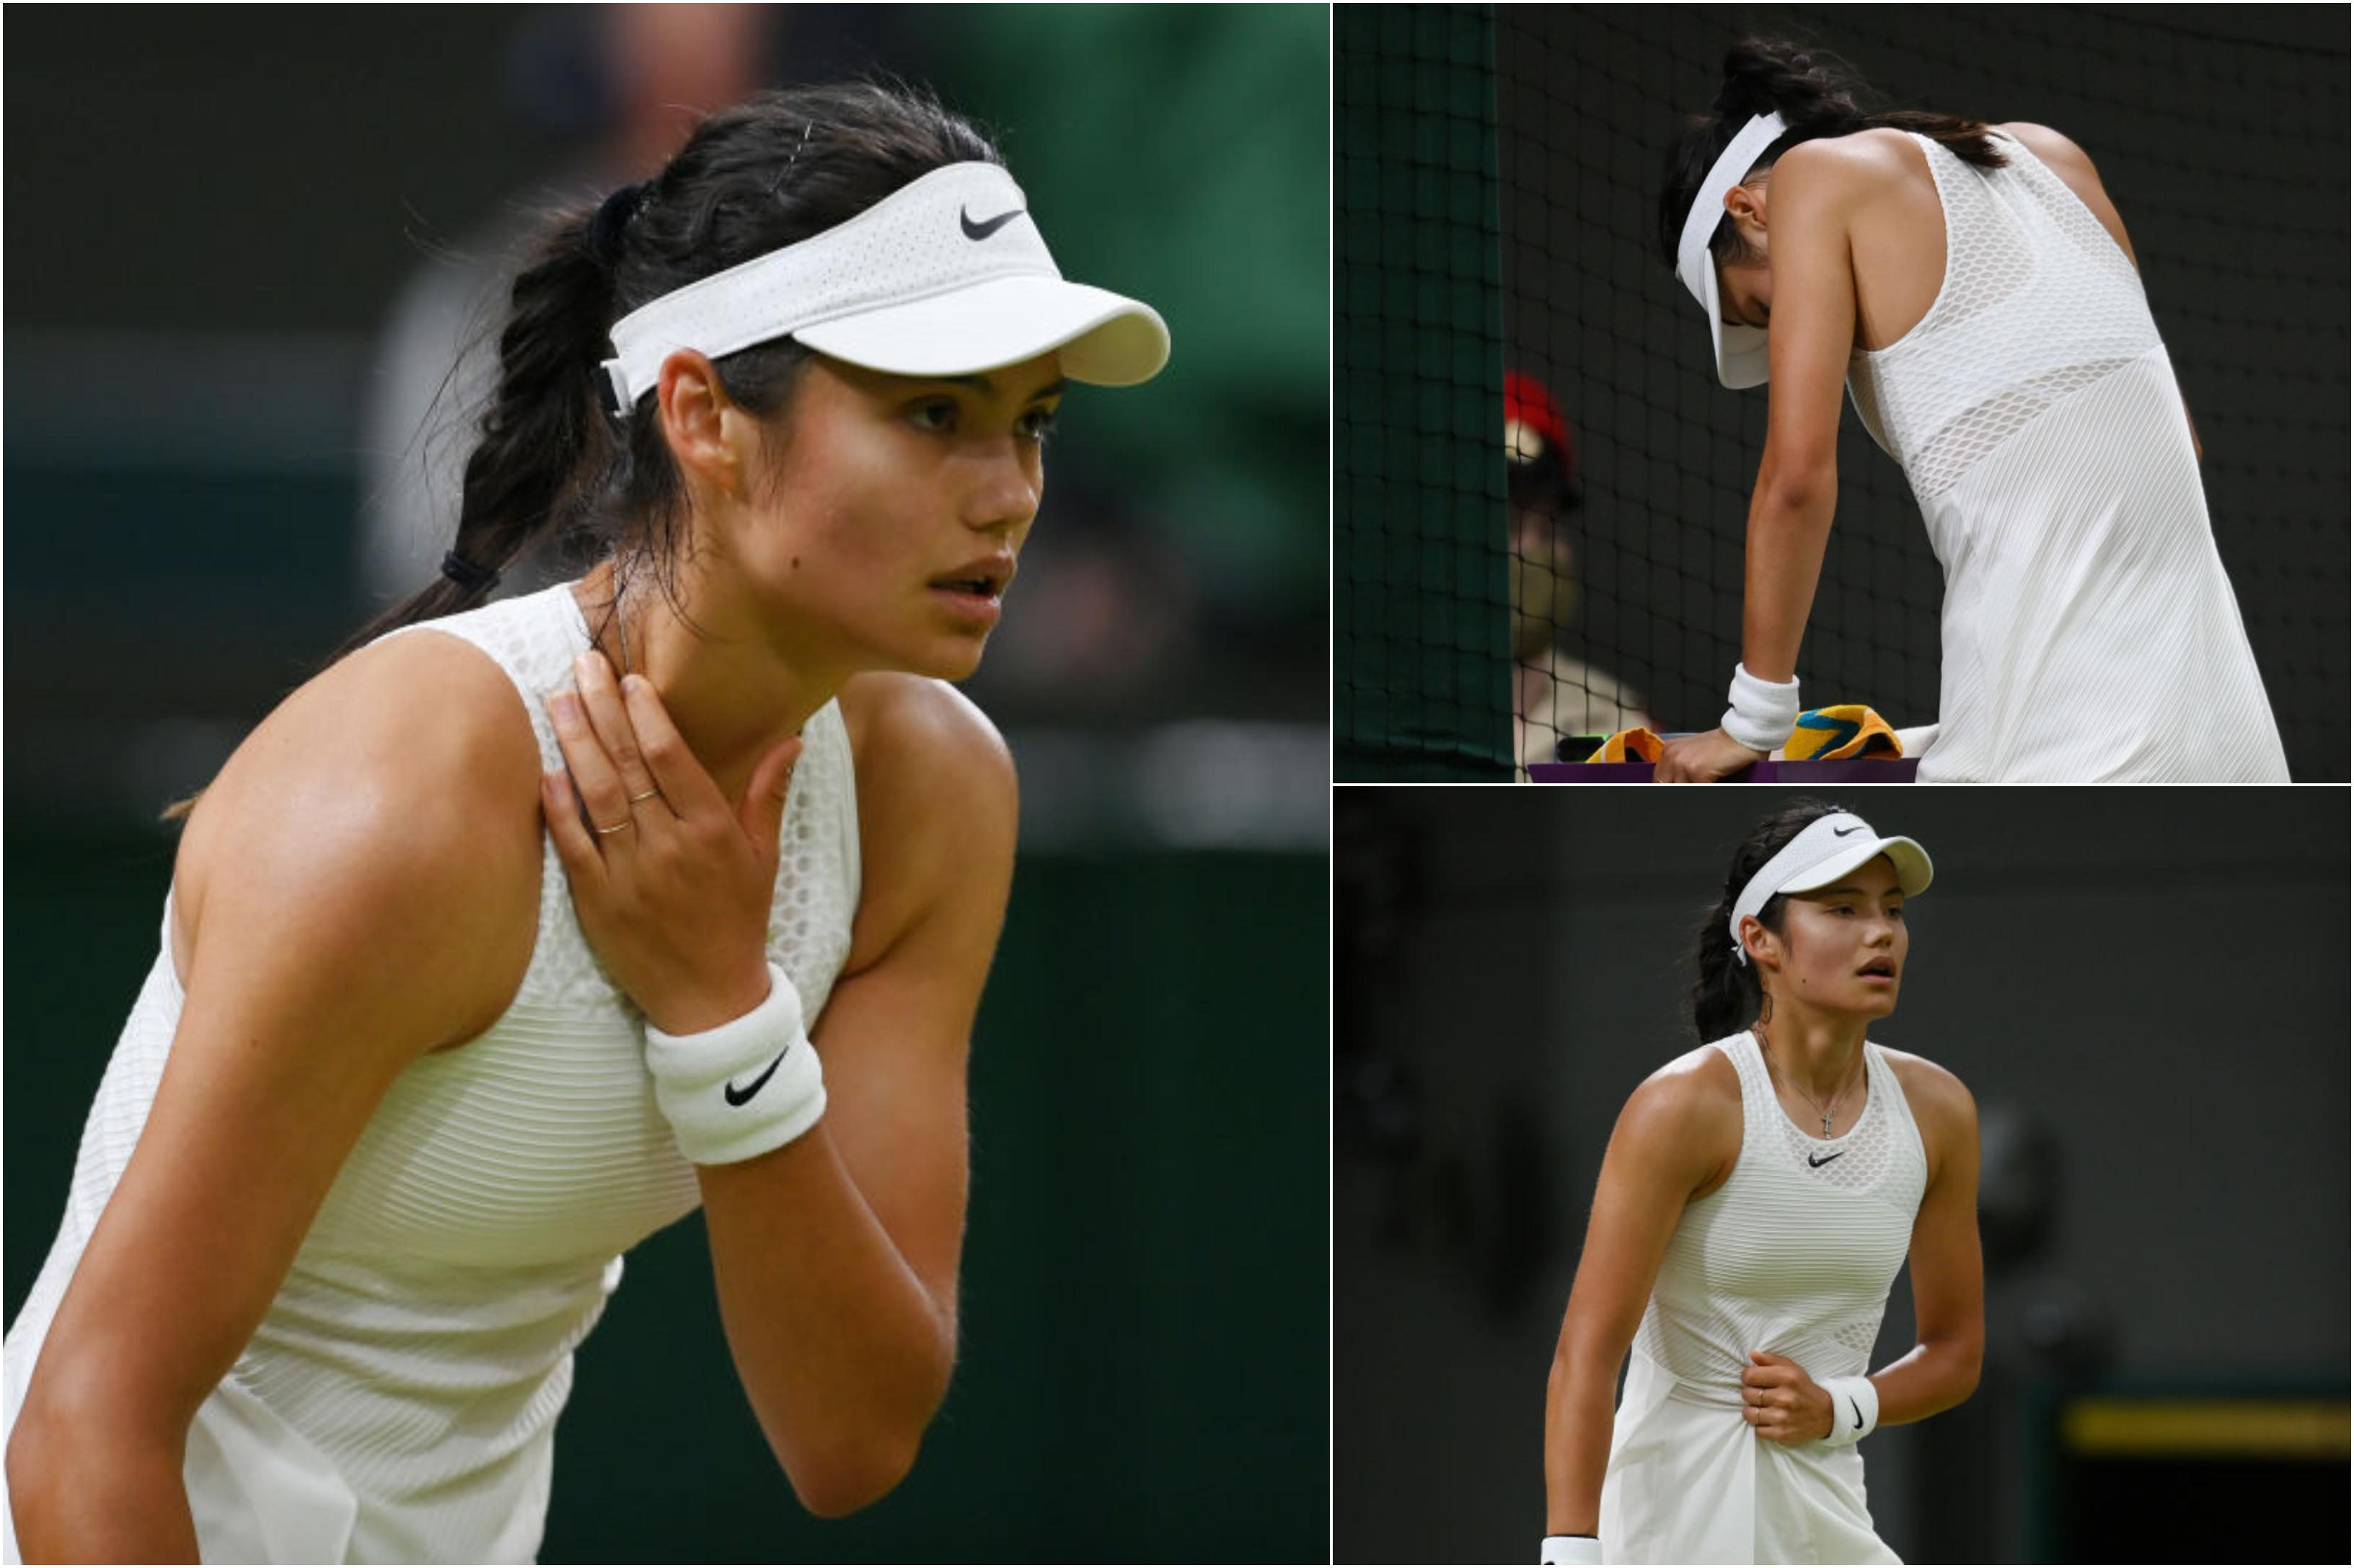 Emma Răducanu a abandonat la Wimbledon. Tânăra-fenomen a acuzat probleme cu respirația pe teren. Ce scriu publicațiile britanice